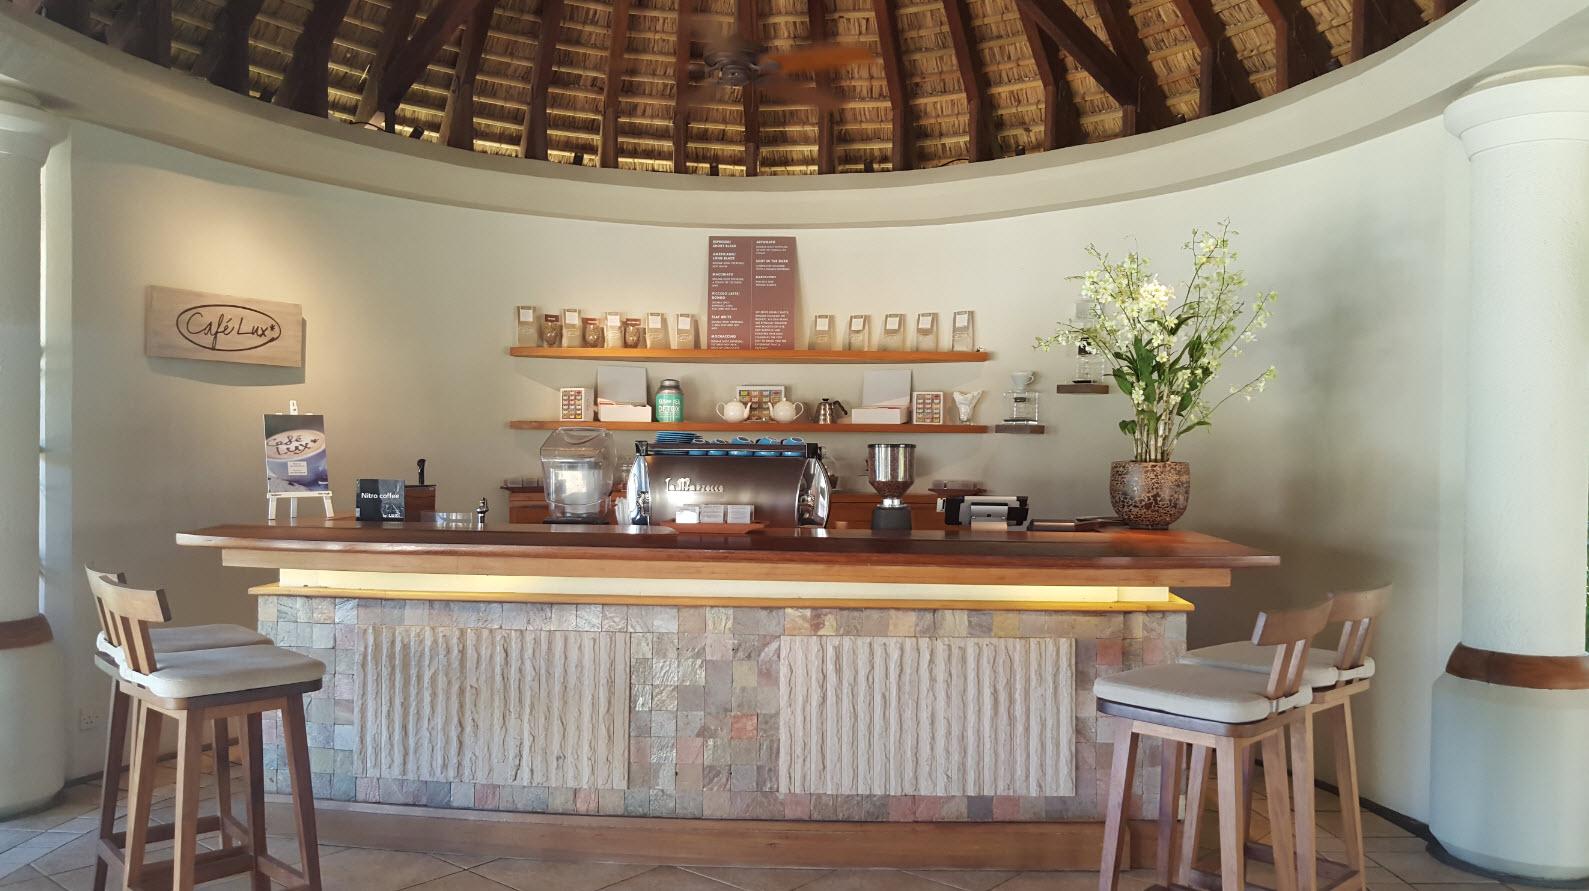 Cafe LUX* pour bien commencer la journee